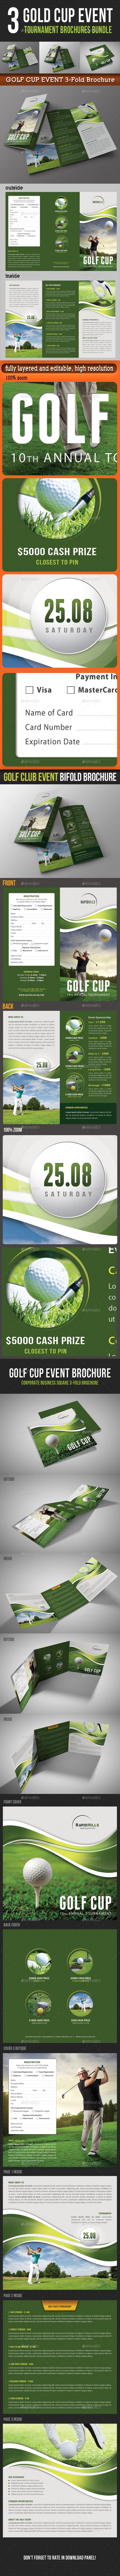 3 in 1 Golf Cup Event Brochure Bundle - Corporate Brochures